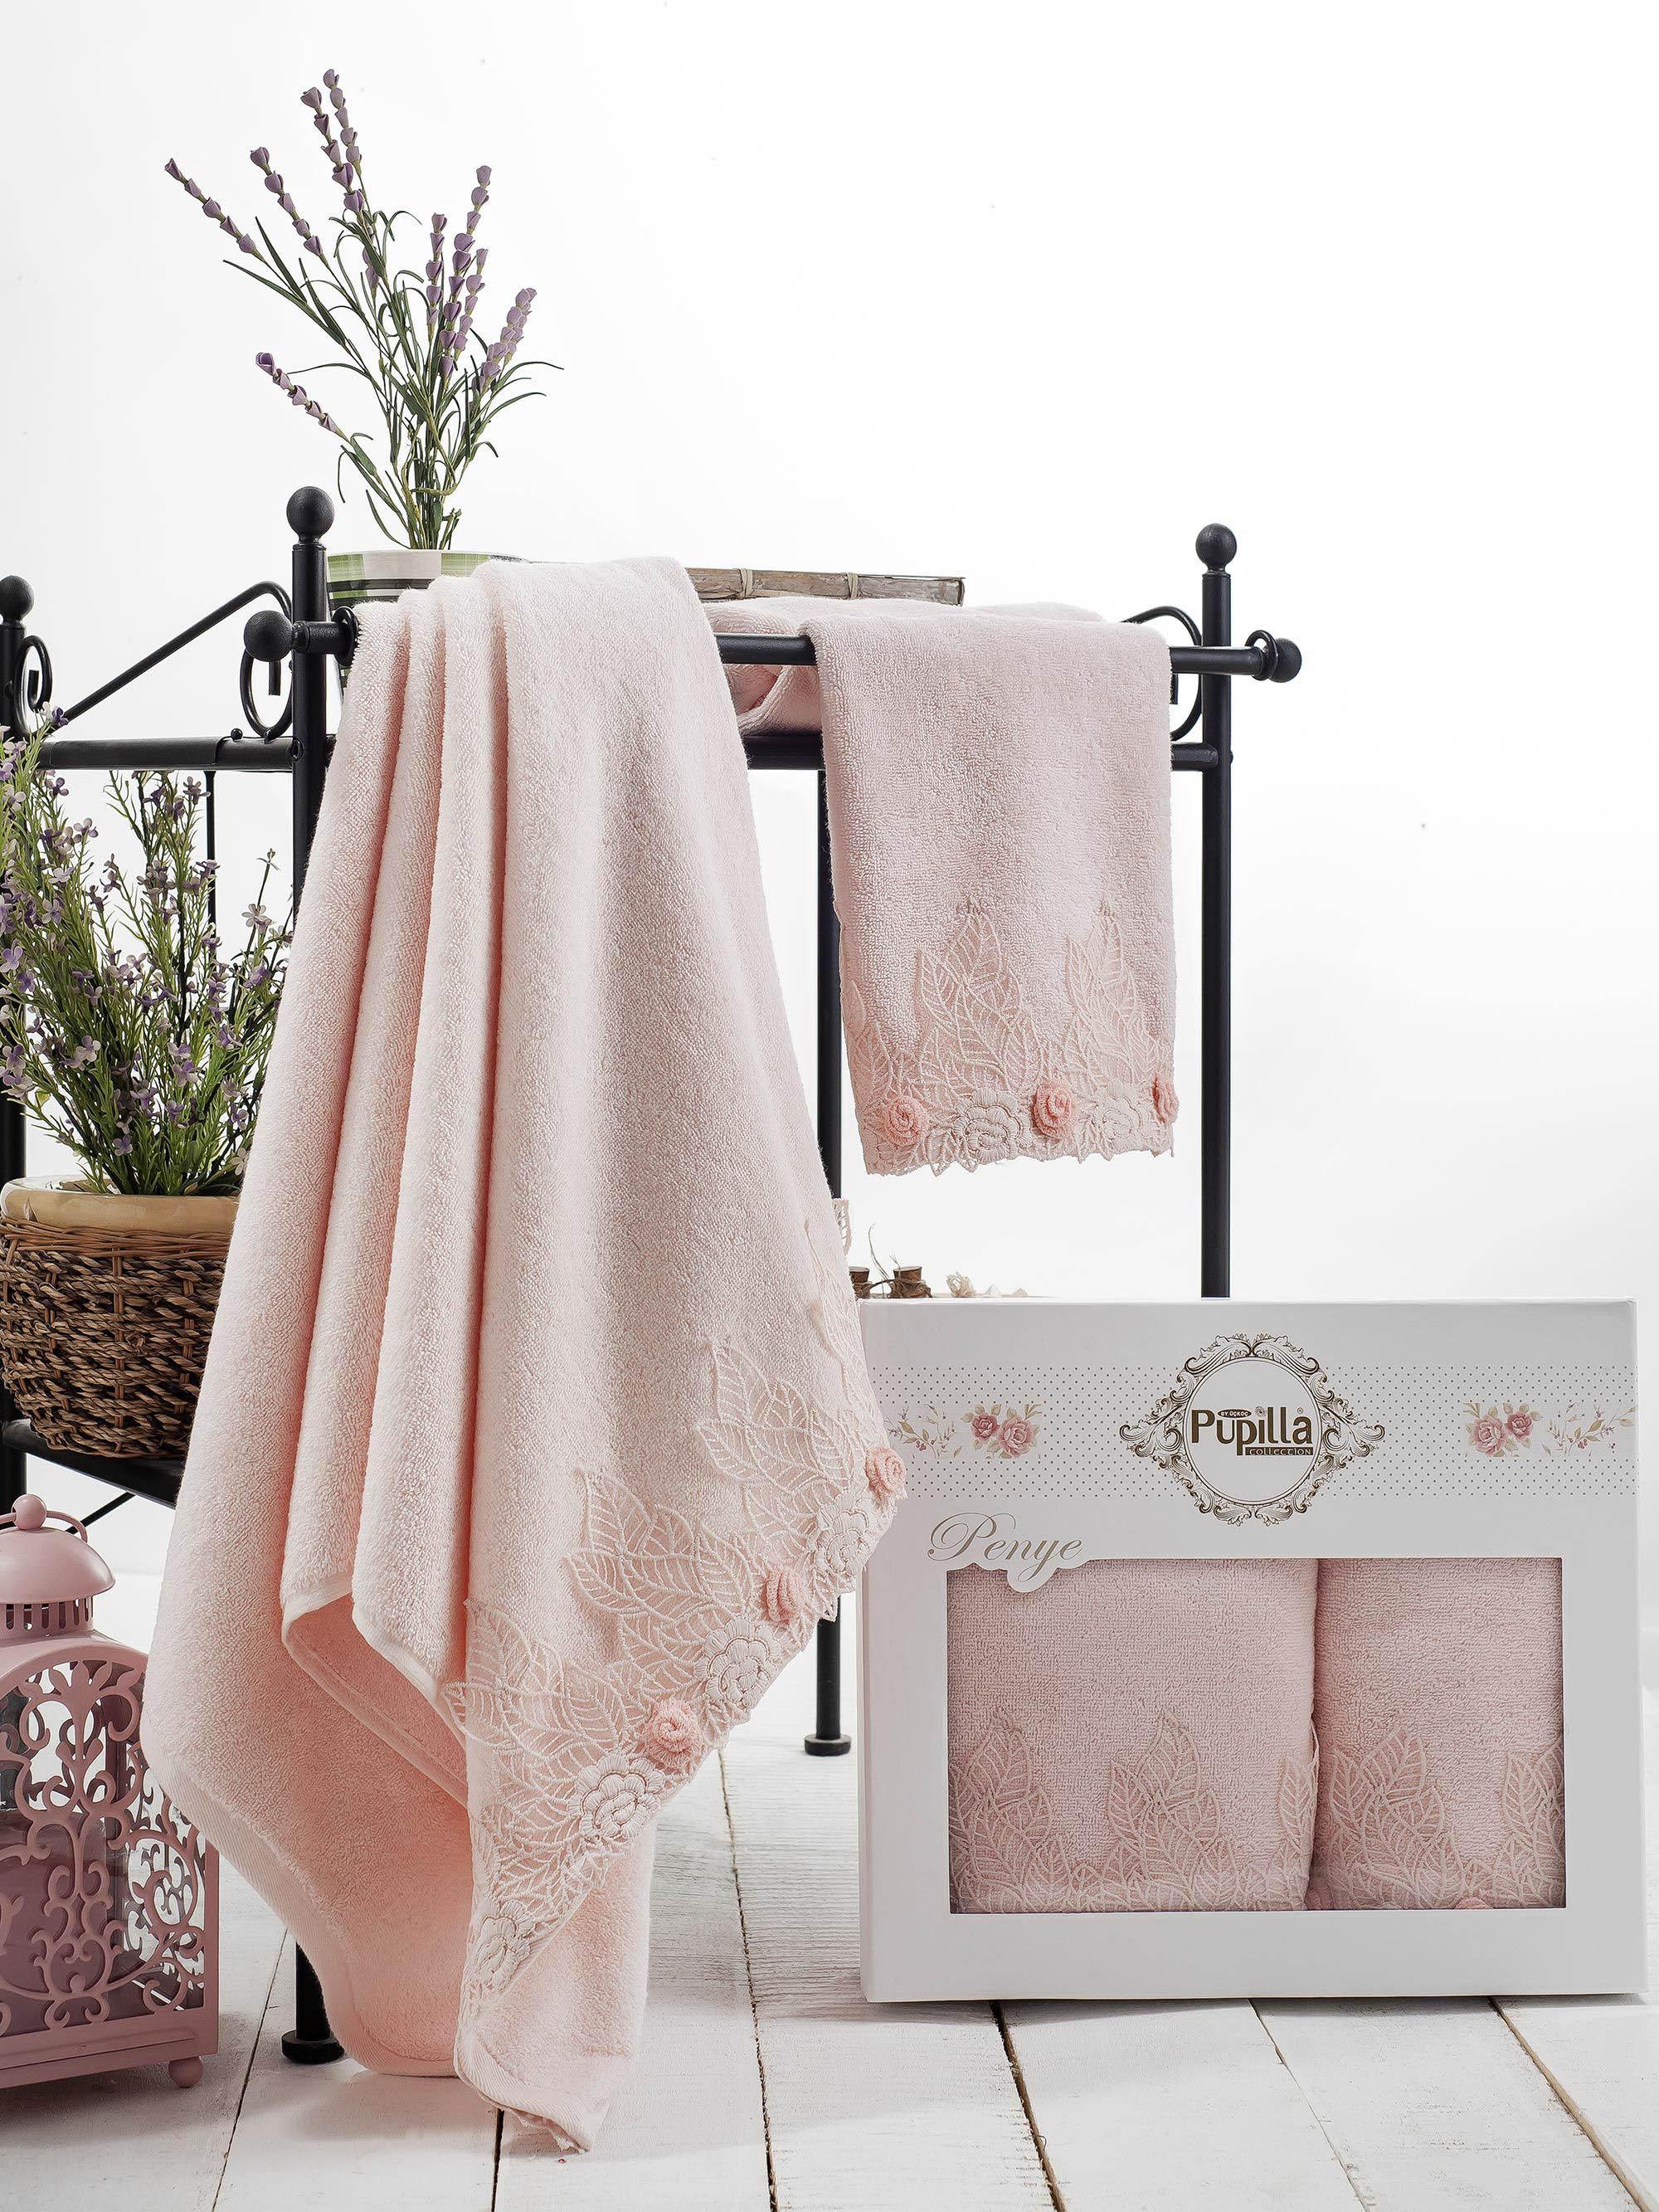 Полотенца Pupilla Набор из 2 полотенец Seren Цвет: Розовый полотенца pupilla набор из 2 полотенец stil цвет кремовый